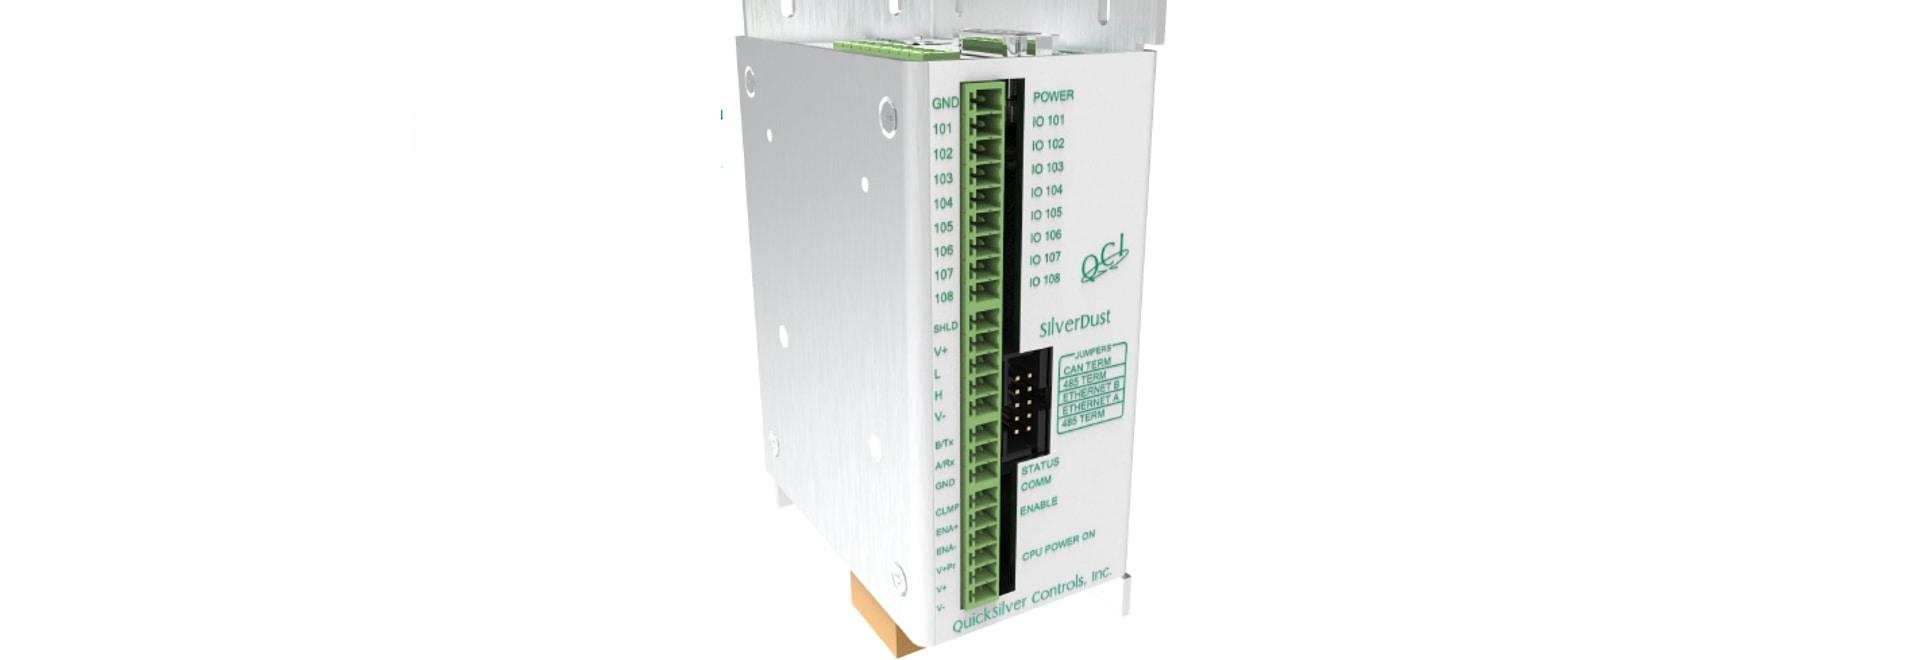 QuickSilver Controls offre il controllore QCI-D2-IGM